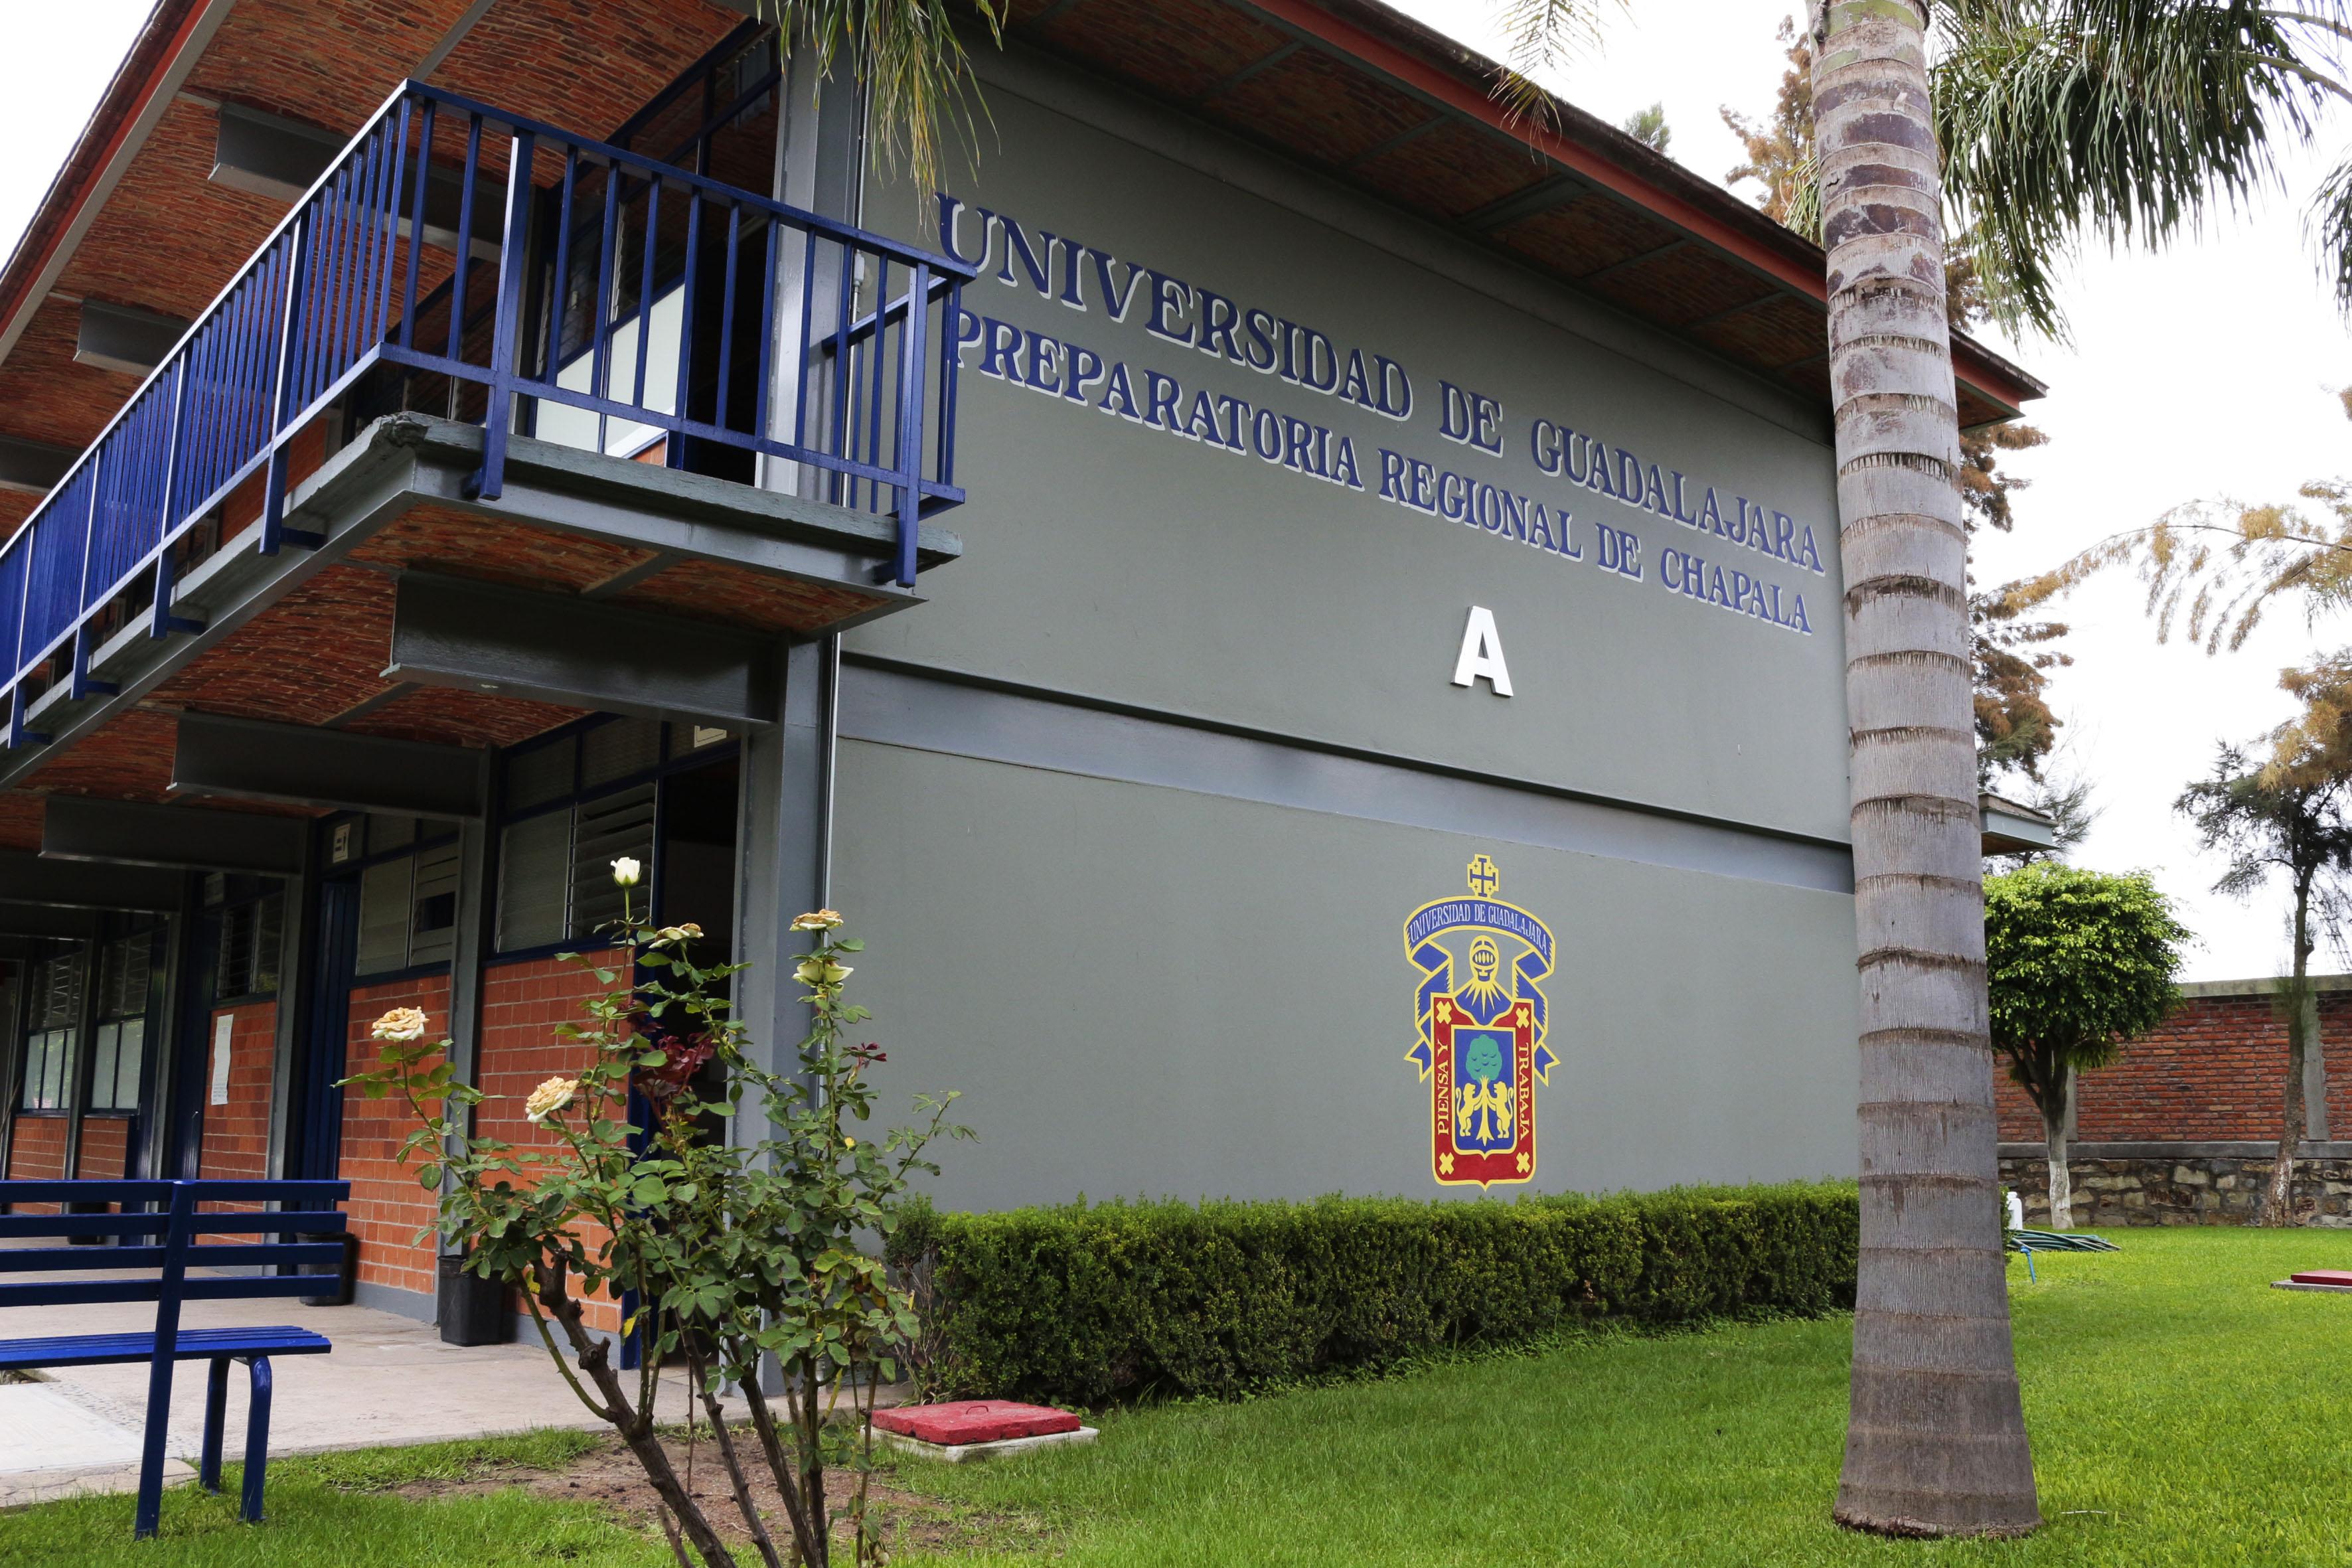 Edificio de la preparatoria de Chapala